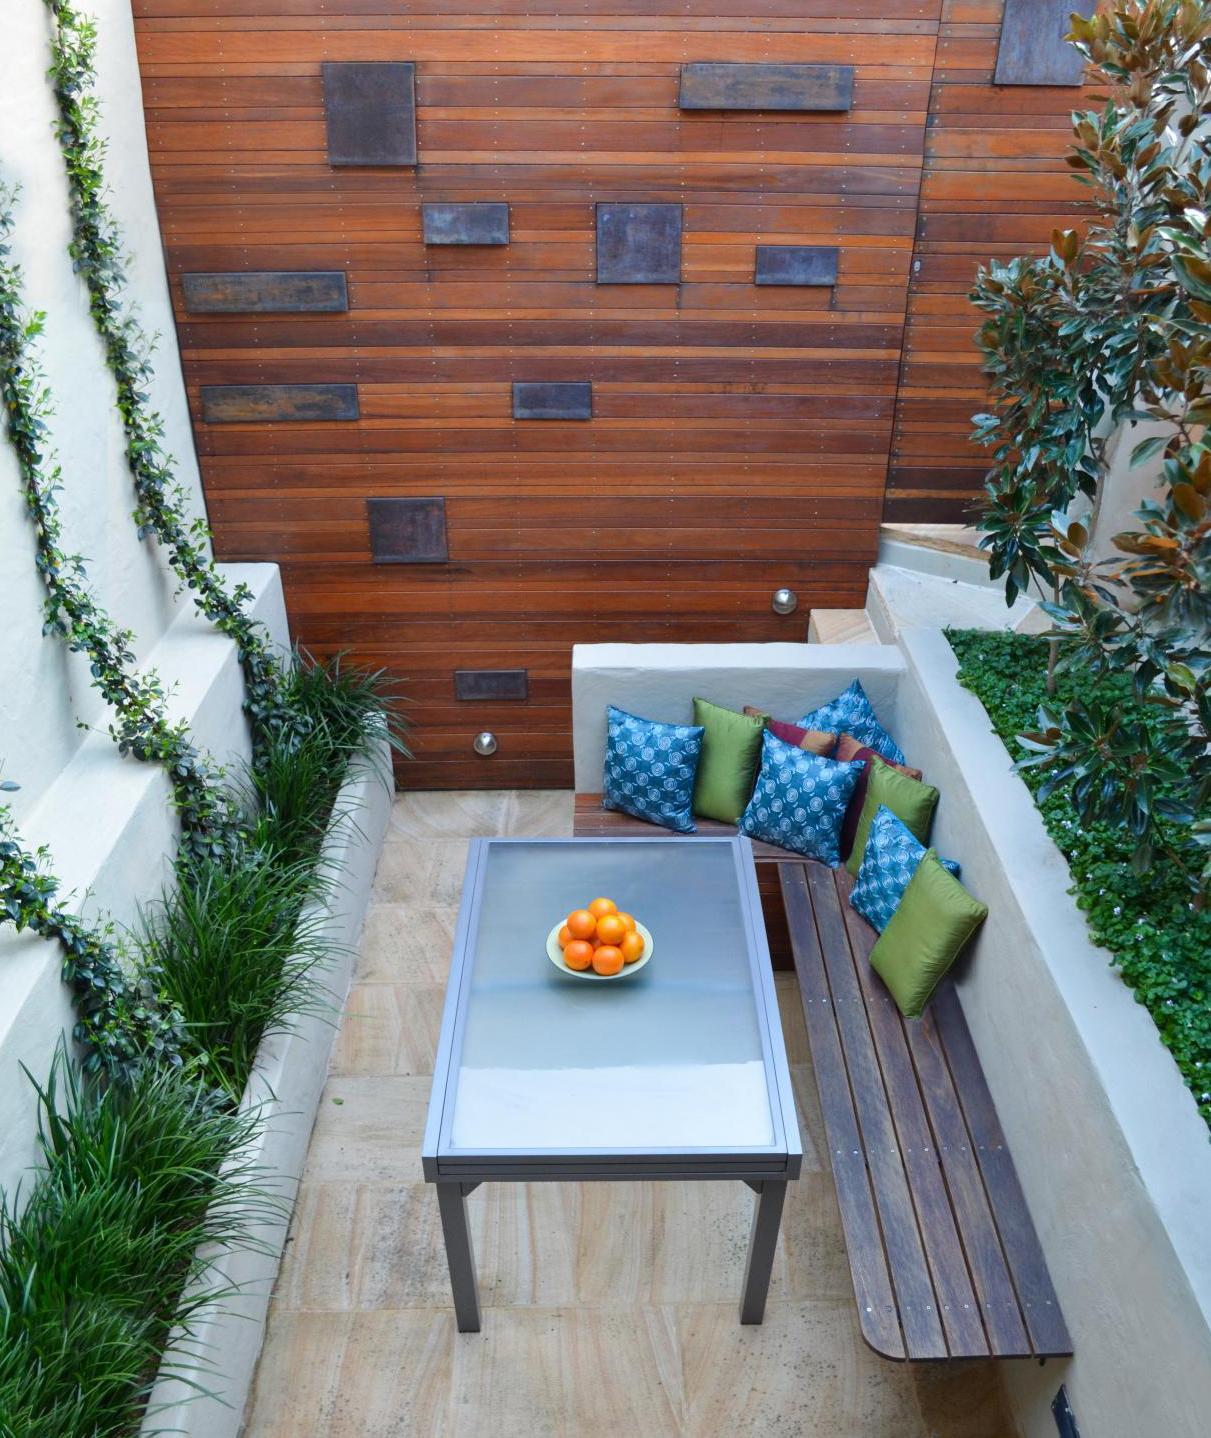 modernes wohnzimmer und terrassengestaltung mit Holz und sitzecke mit esstisch